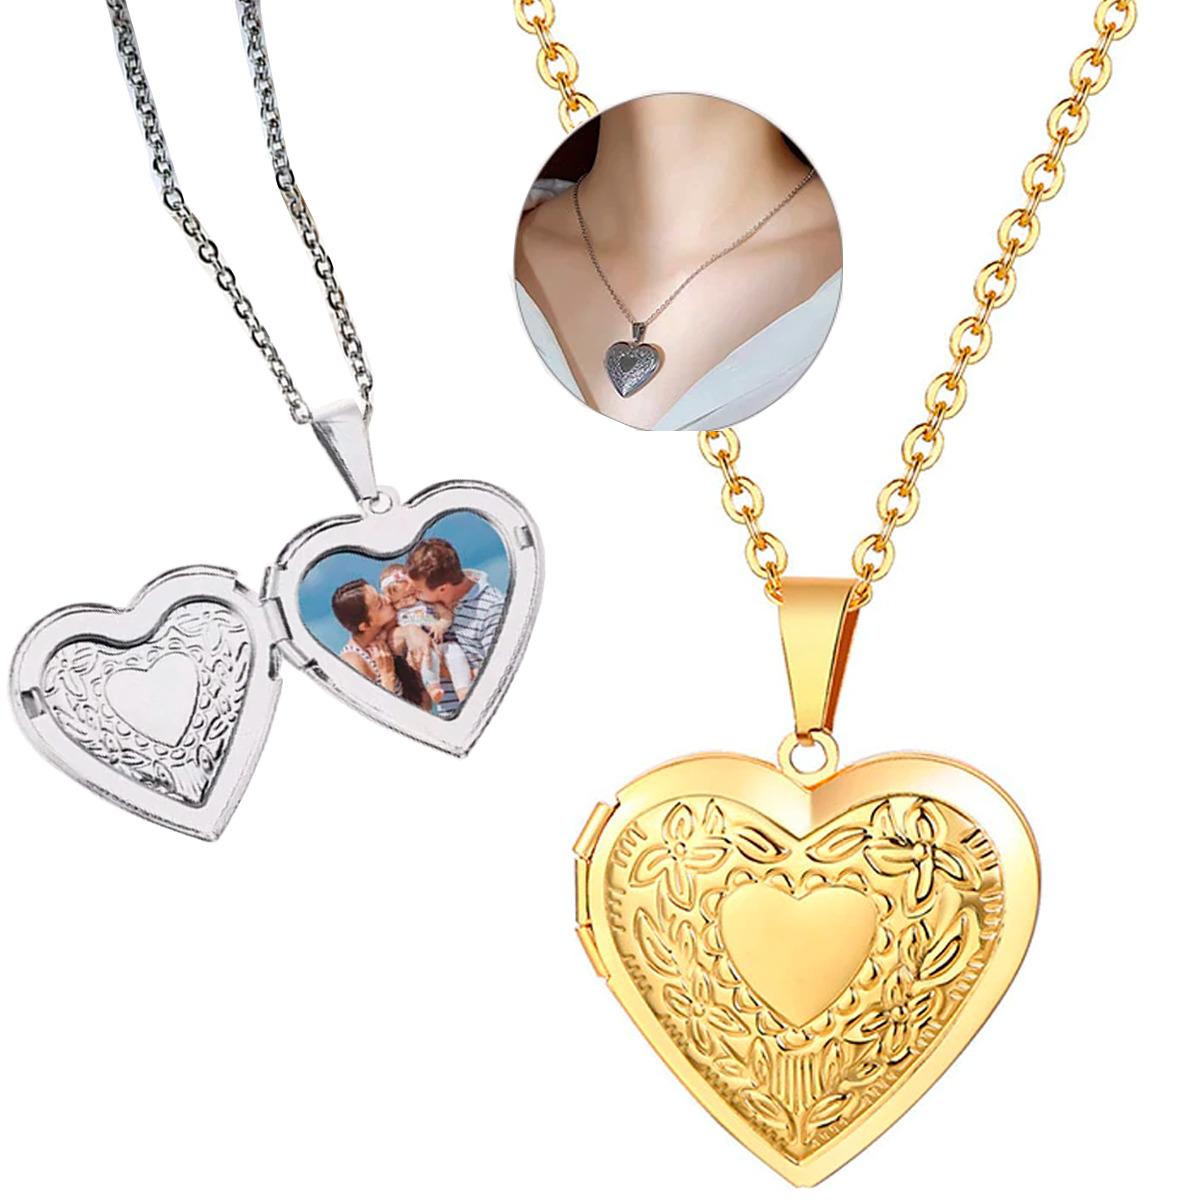 Relicario Collar Corazón Med Fotos Dama Regalo Acero Inox